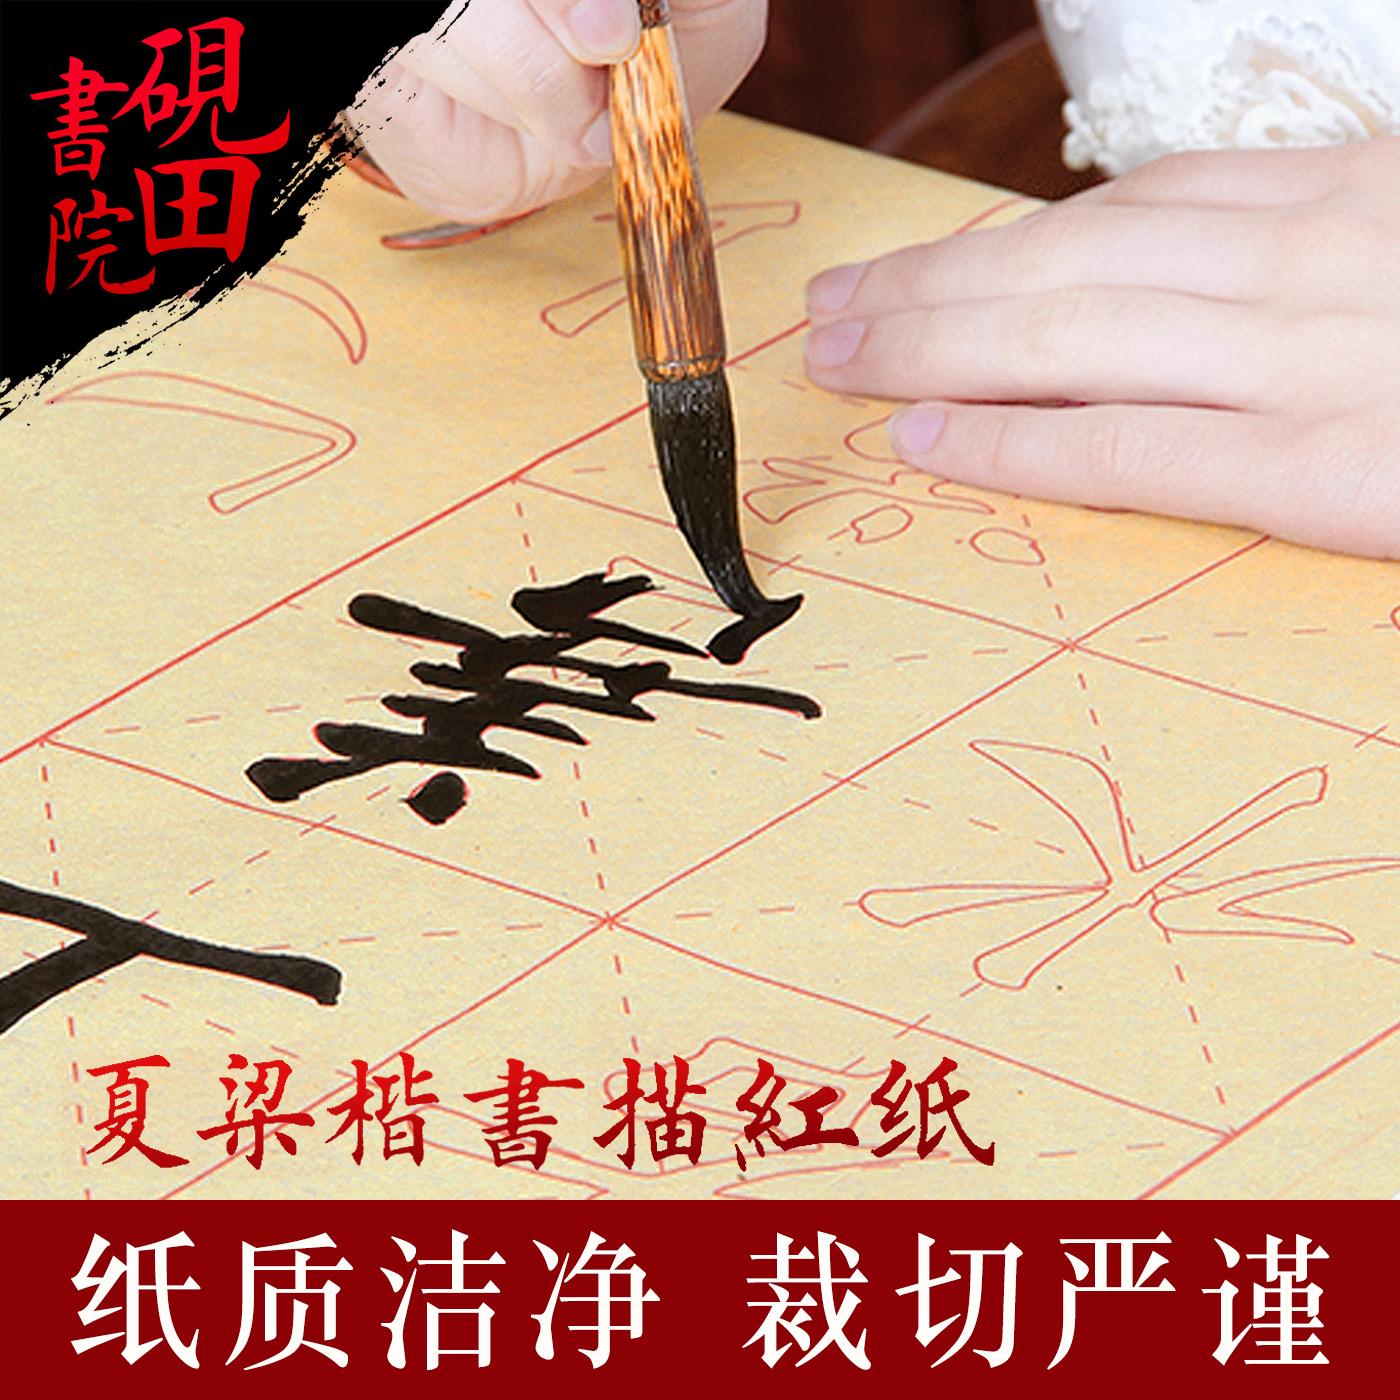 砚田书院夏梁书法毛笔描红字帖欧体中楷成人临摹毛边纸初学者练习